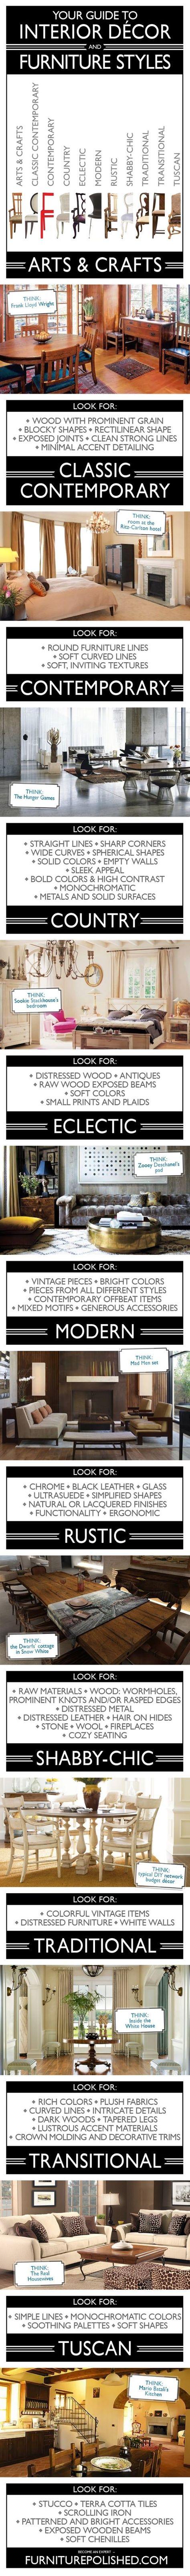 Interior Decor & Furniture Styles Guide: pretty good breakdown...classic contemporary